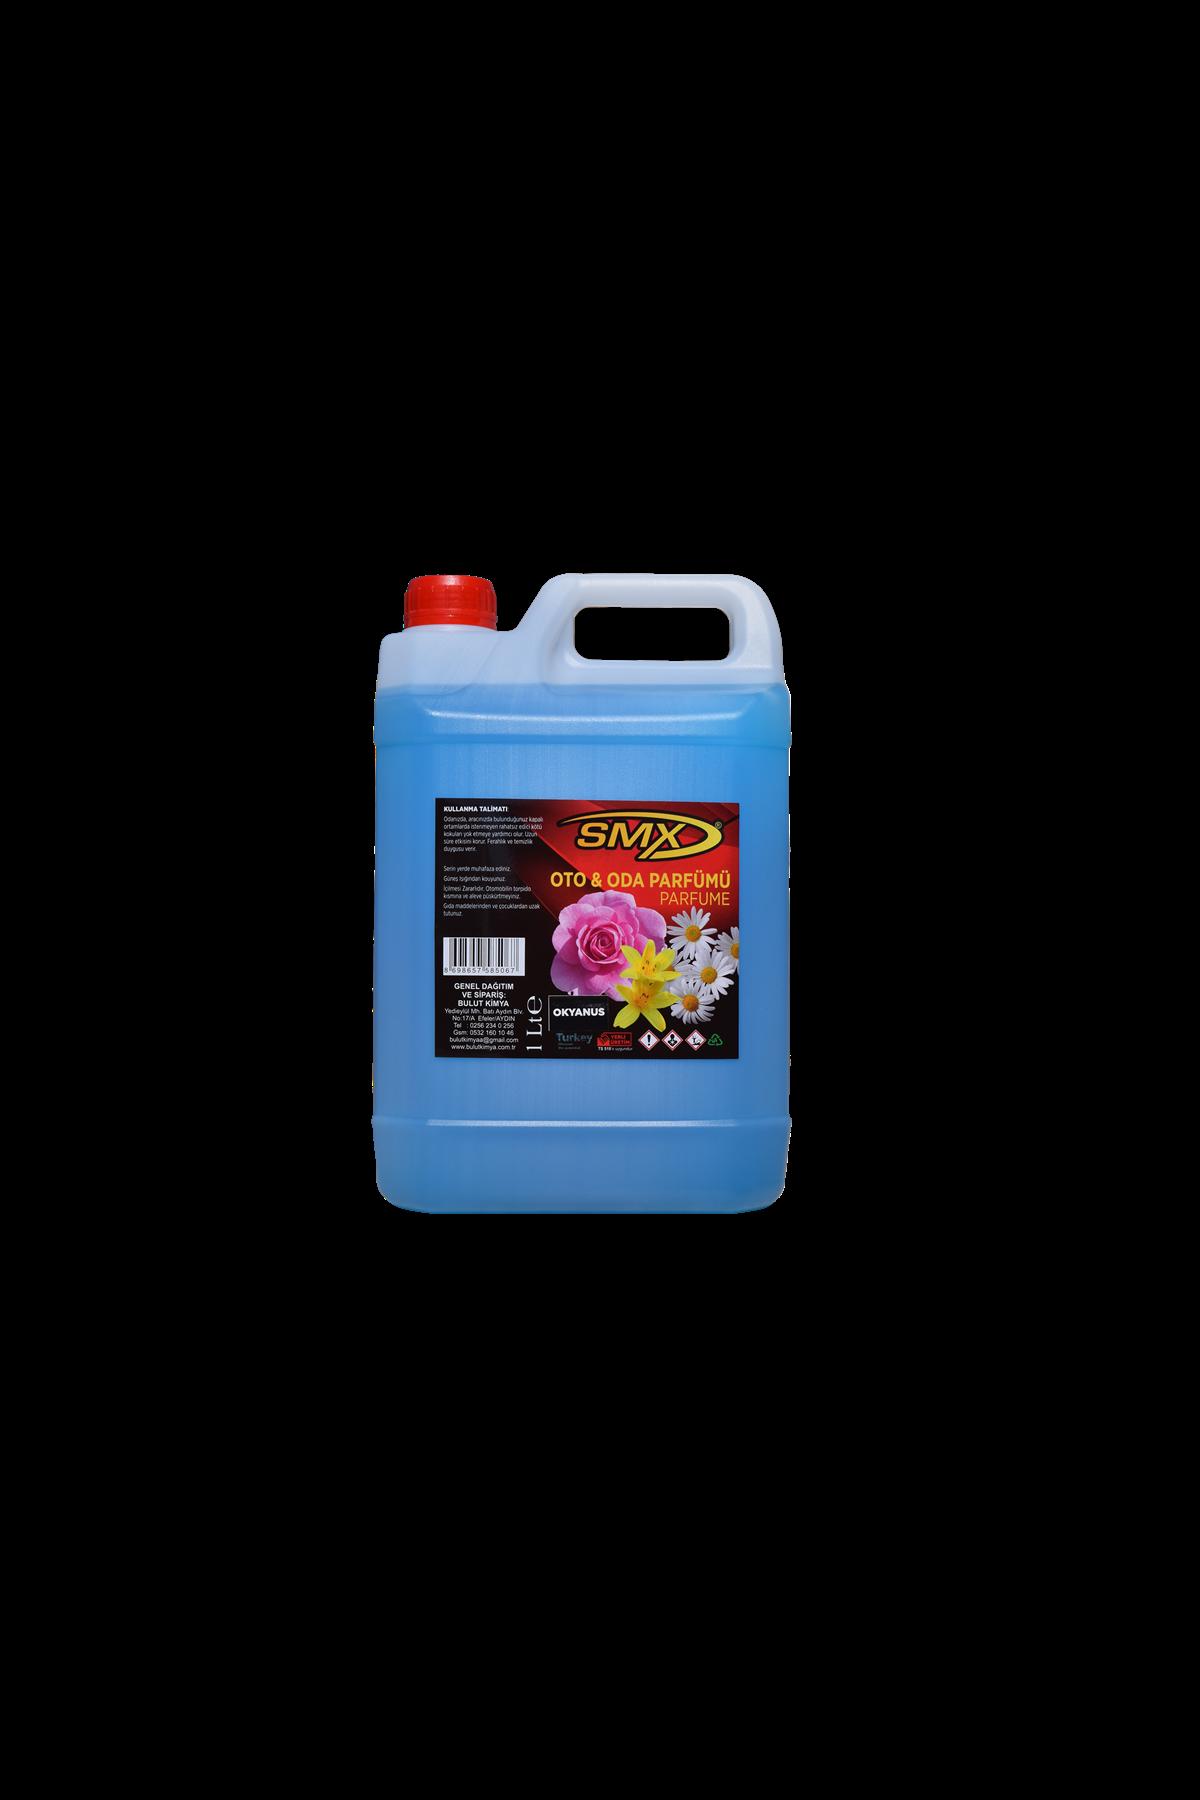 SMX Oto Parfümü / Oda Parfümü / Okyanus Koku (5LT)